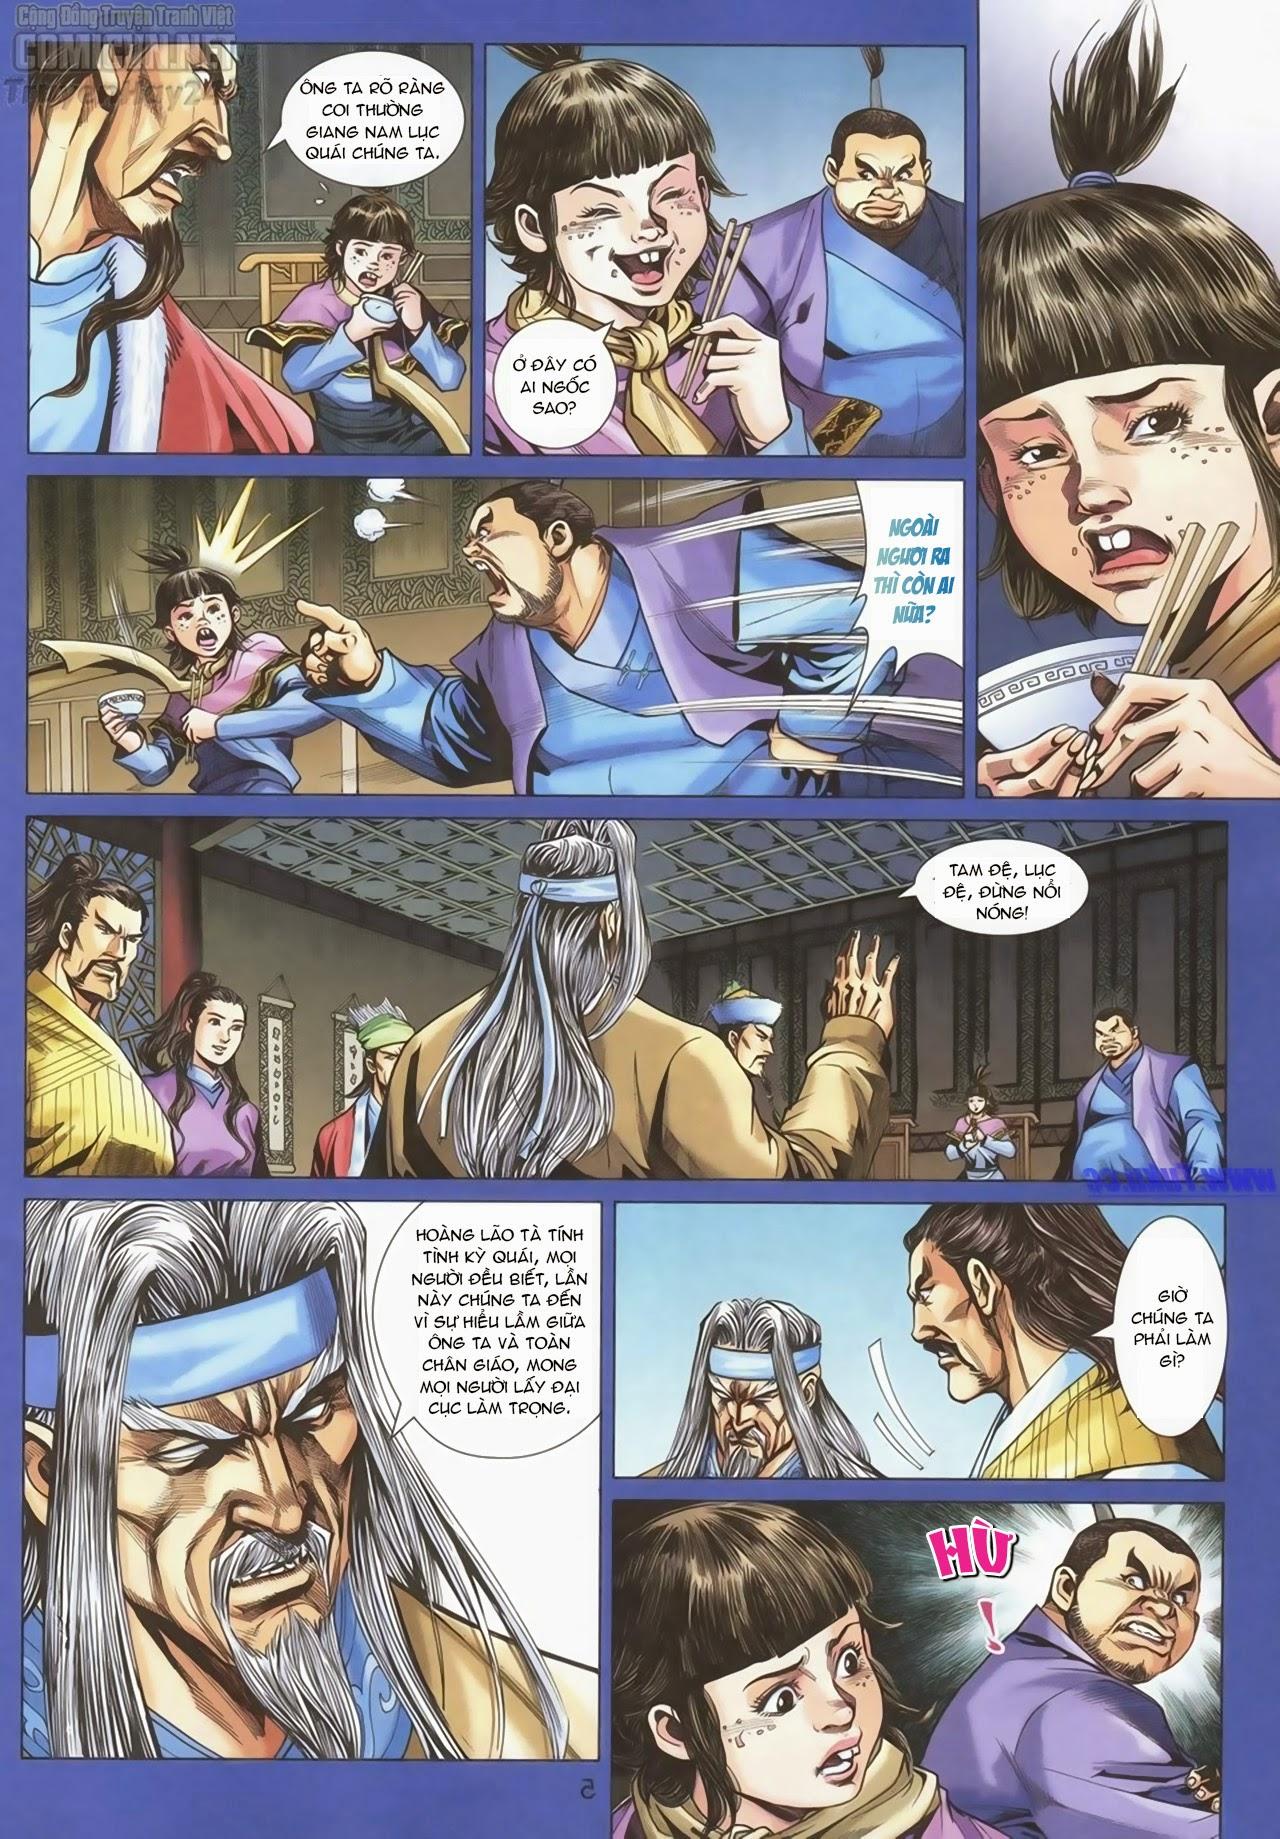 xem truyen moi - Anh Hùng Xạ Điêu - Chapter 90: Chân Tướng